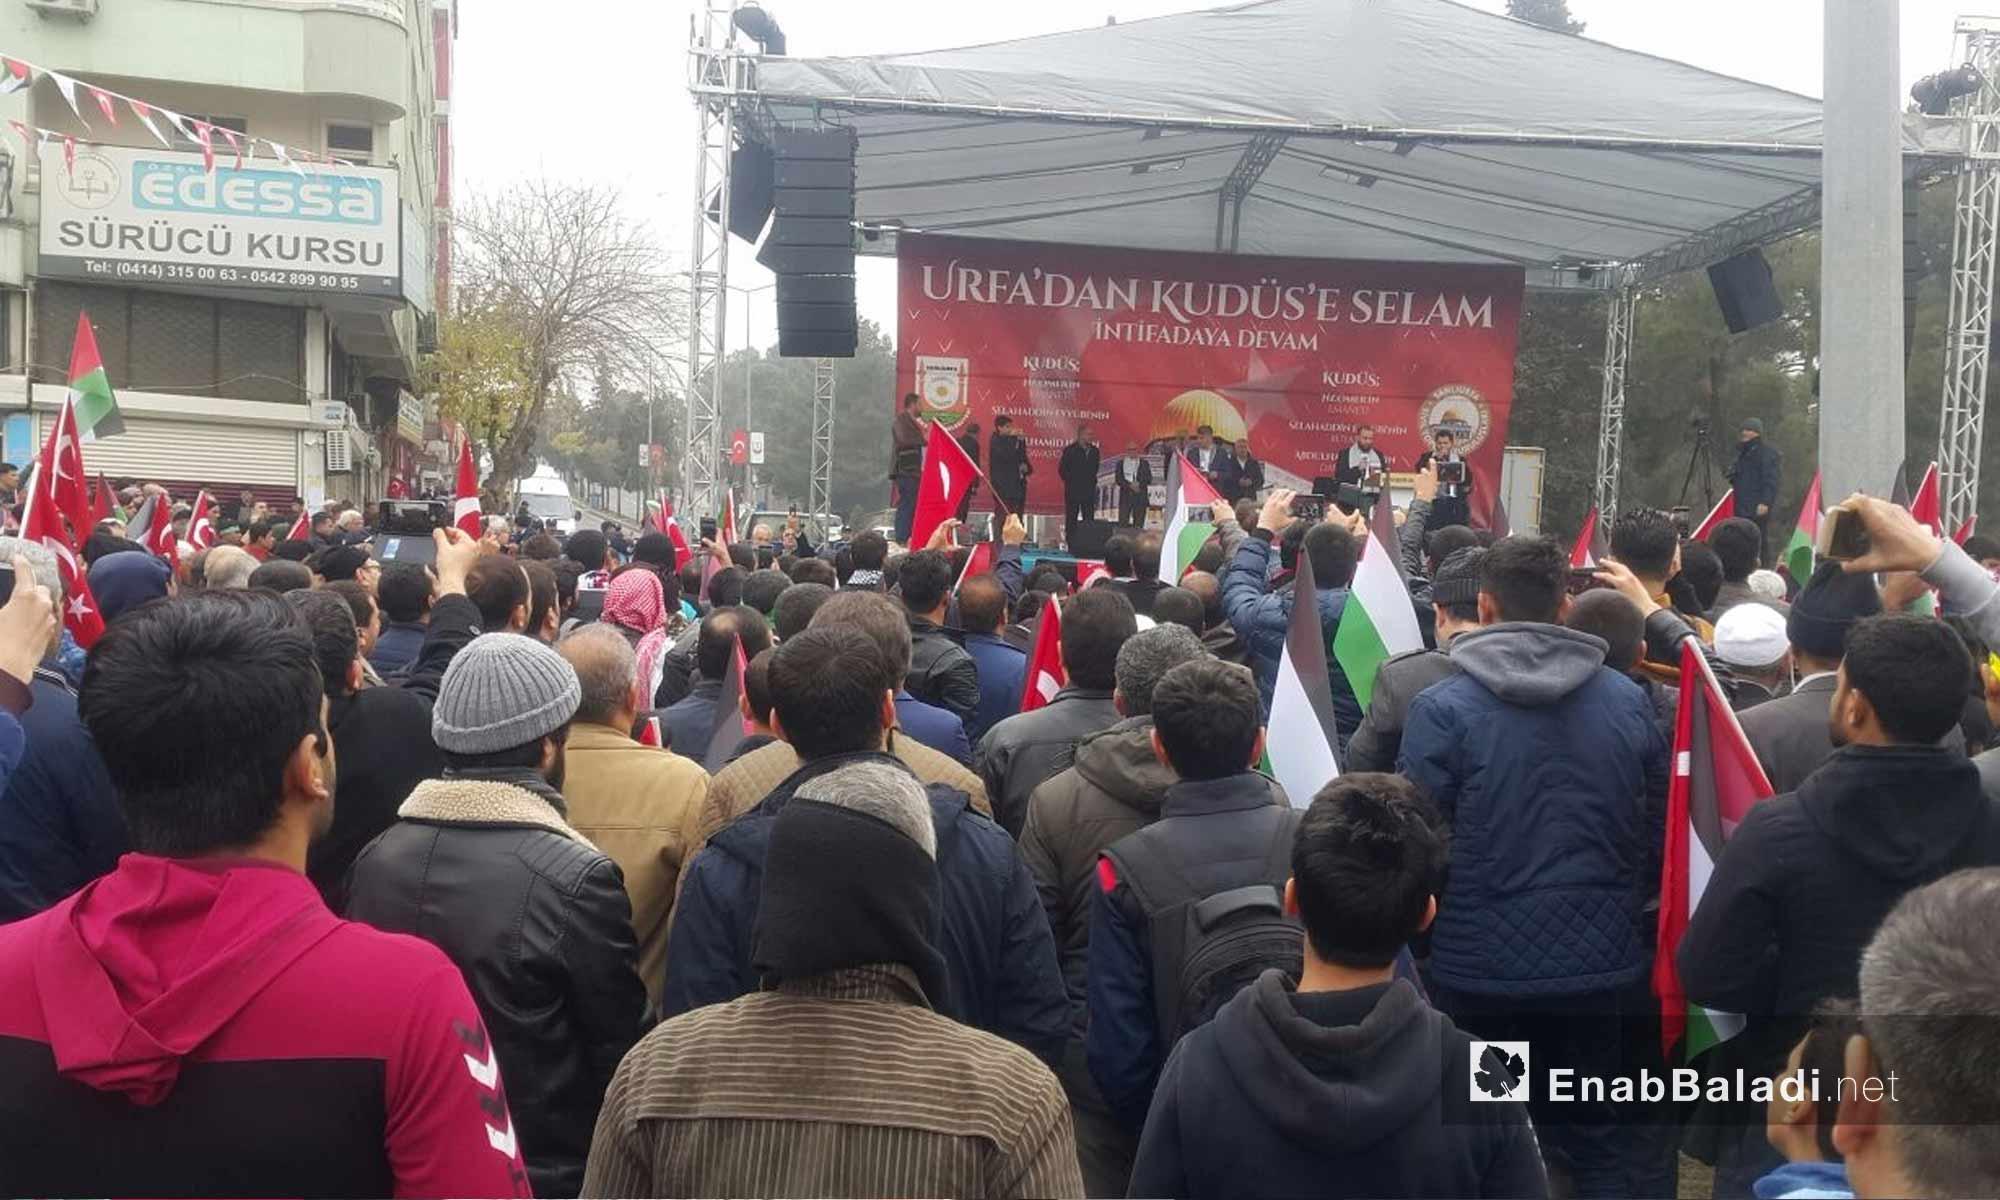 من فعاليات مظاهرة خرج بها أتراك وسوريون في أورفة التركية يرفضون قرار ترامب حول القدس - 24 كانون الأول 2017 (عنب بلدي)